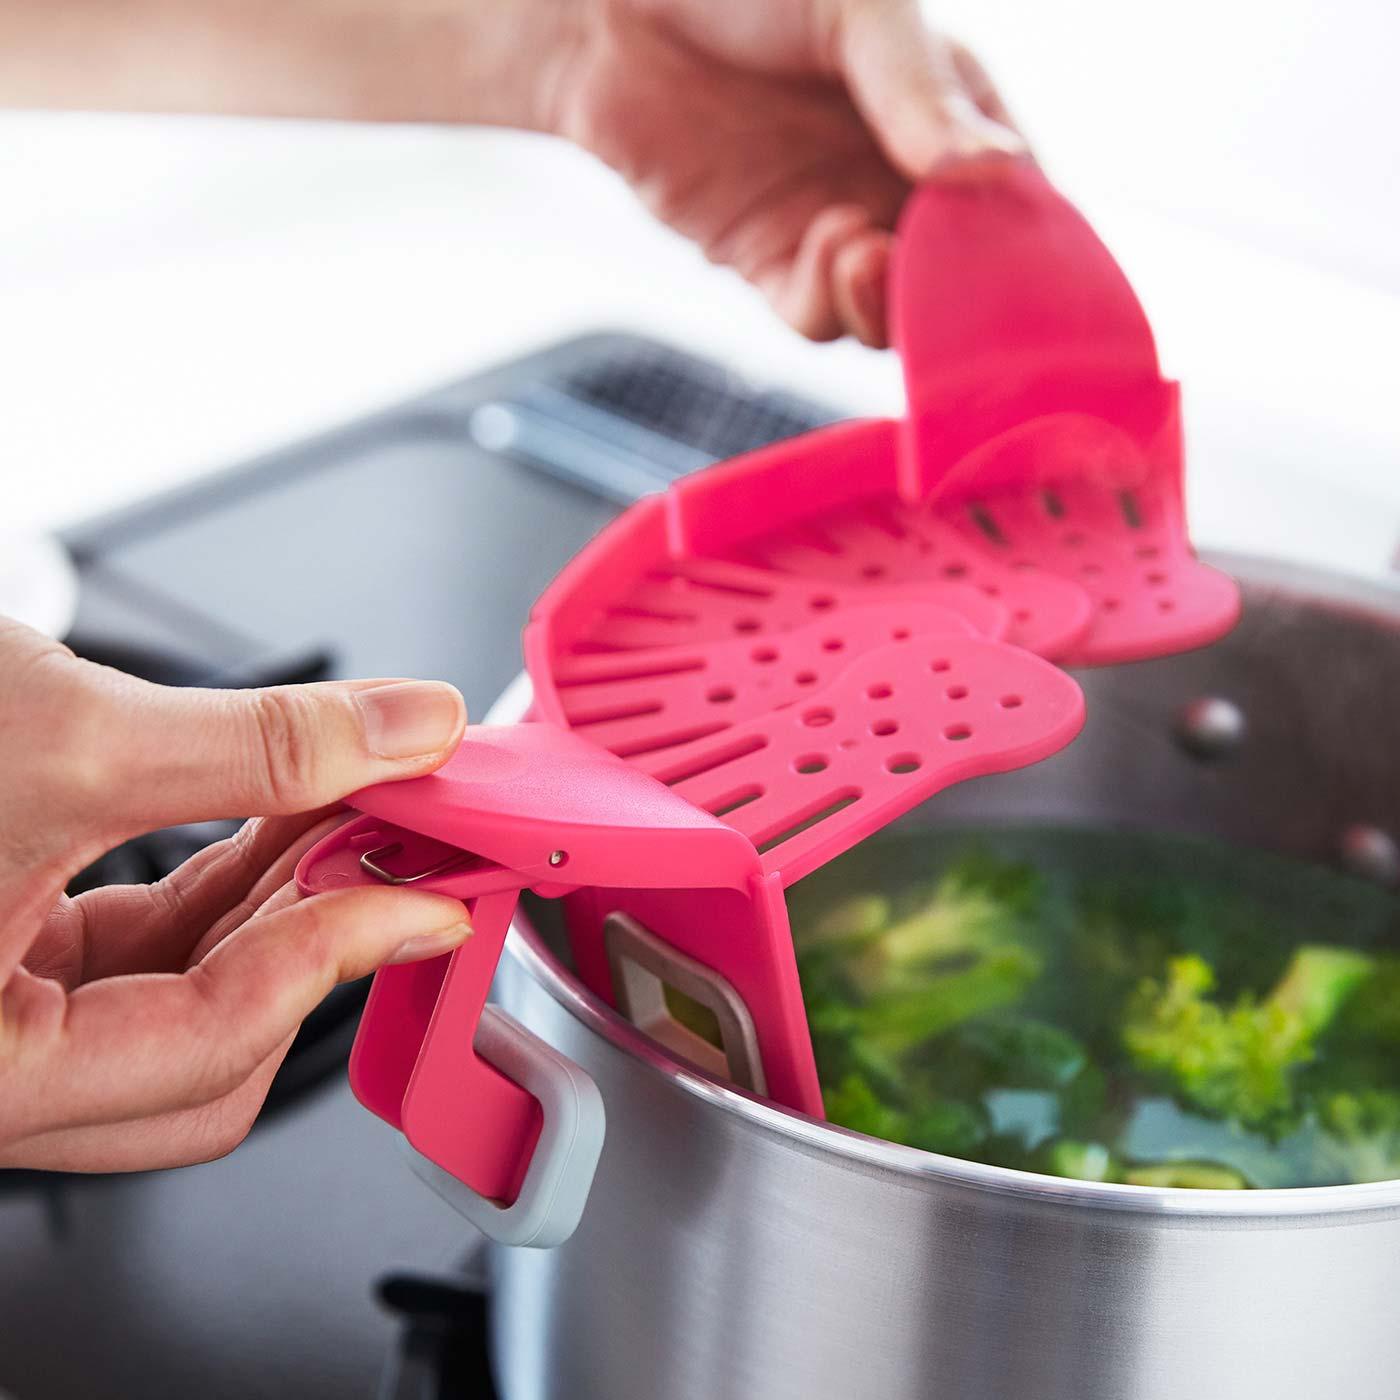 鍋の縁を挟むだけ。大きめクリップでしっかり固定できます。